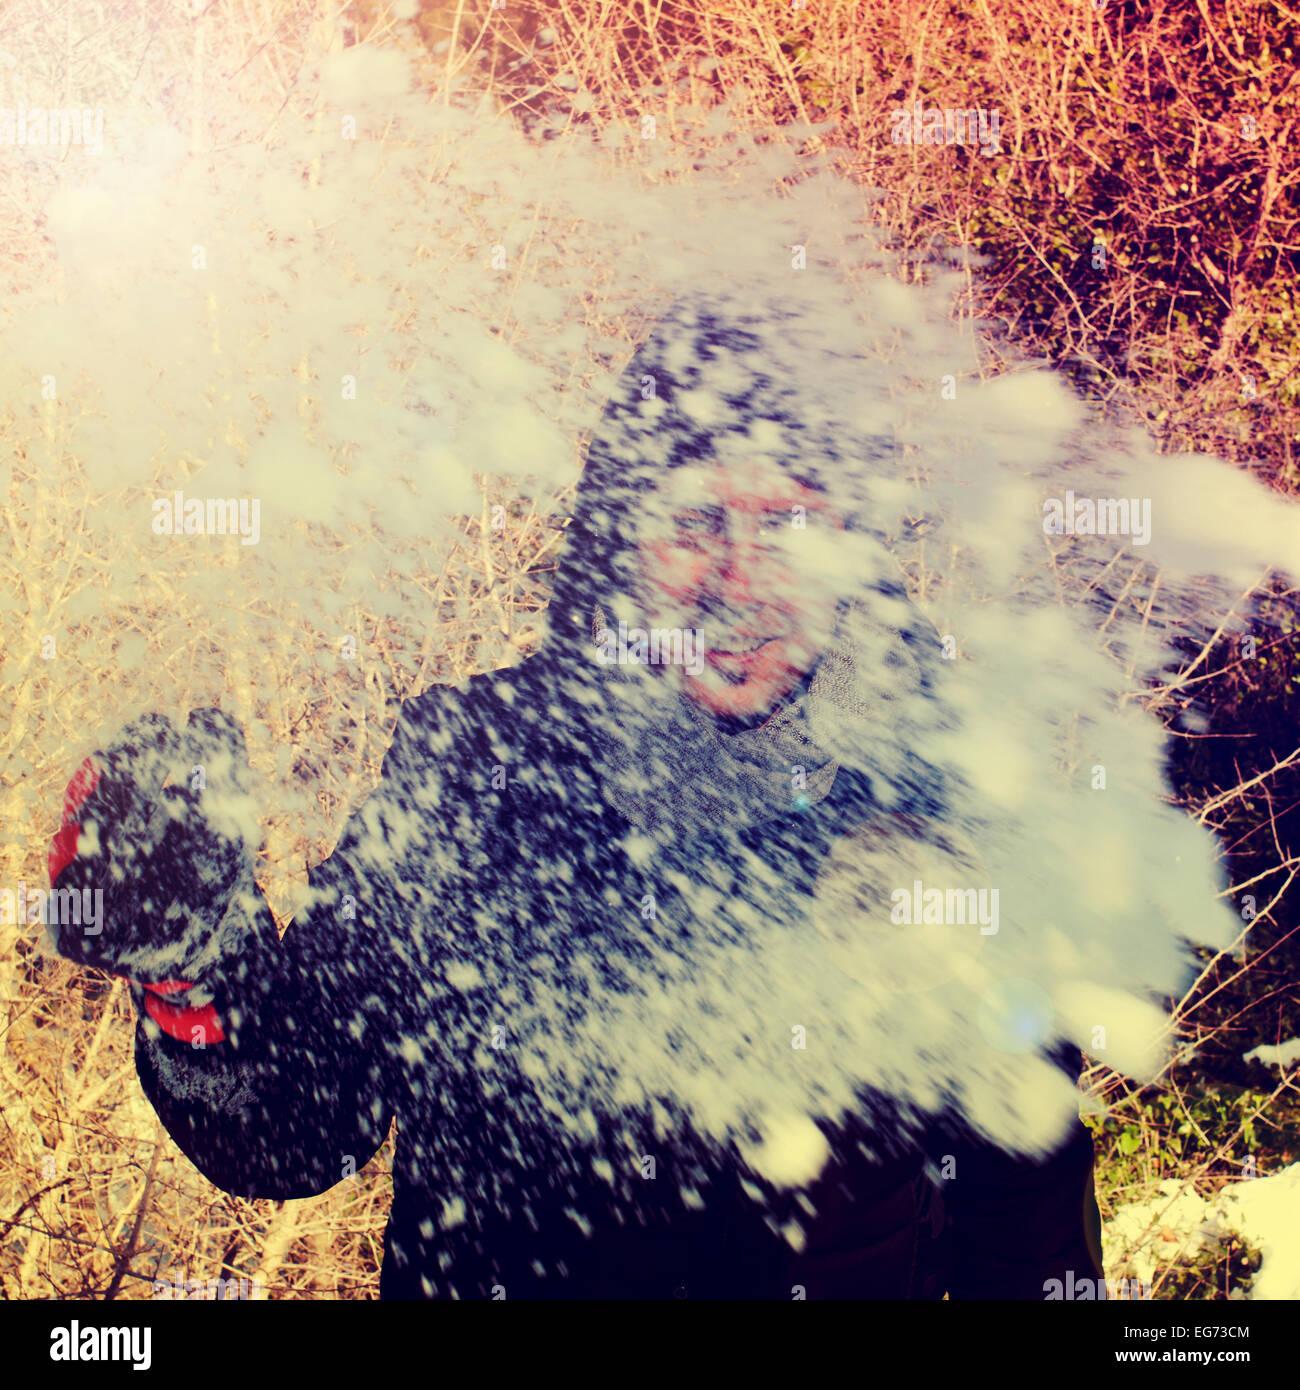 Un hombre joven lanzando una bola de nieve al observador Imagen De Stock